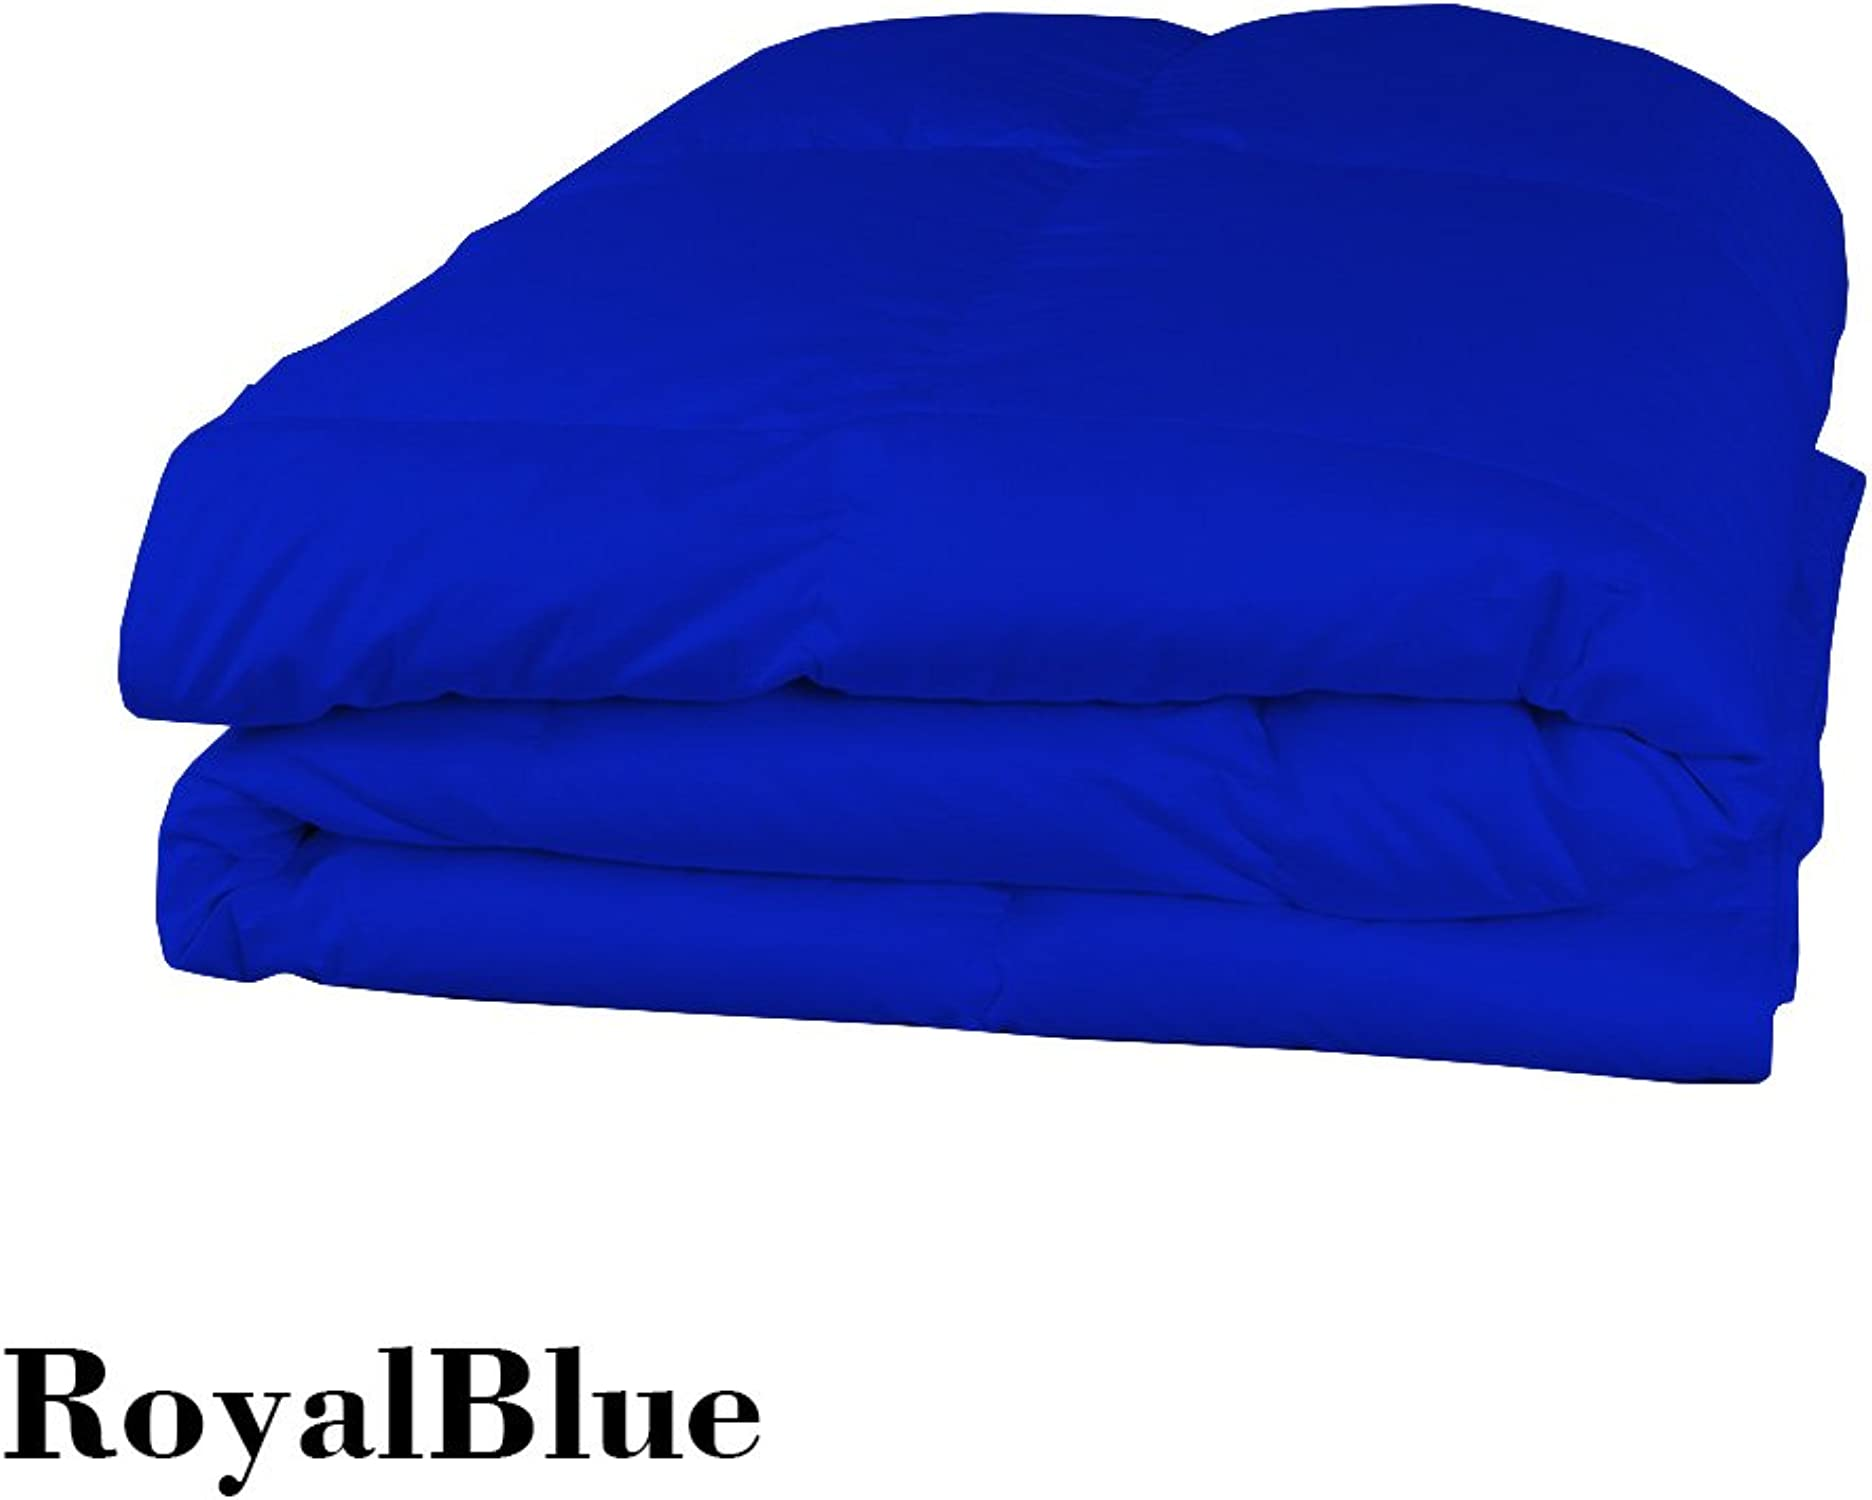 Dreamz Parure de lit Super Doux 500Fils 100% Coton 1Housse de Couette (200g m2 Fibre Fill) UK King, Bleu Roi Bleu égypcravaten Solide Coton égypcravaten Scala Doudou